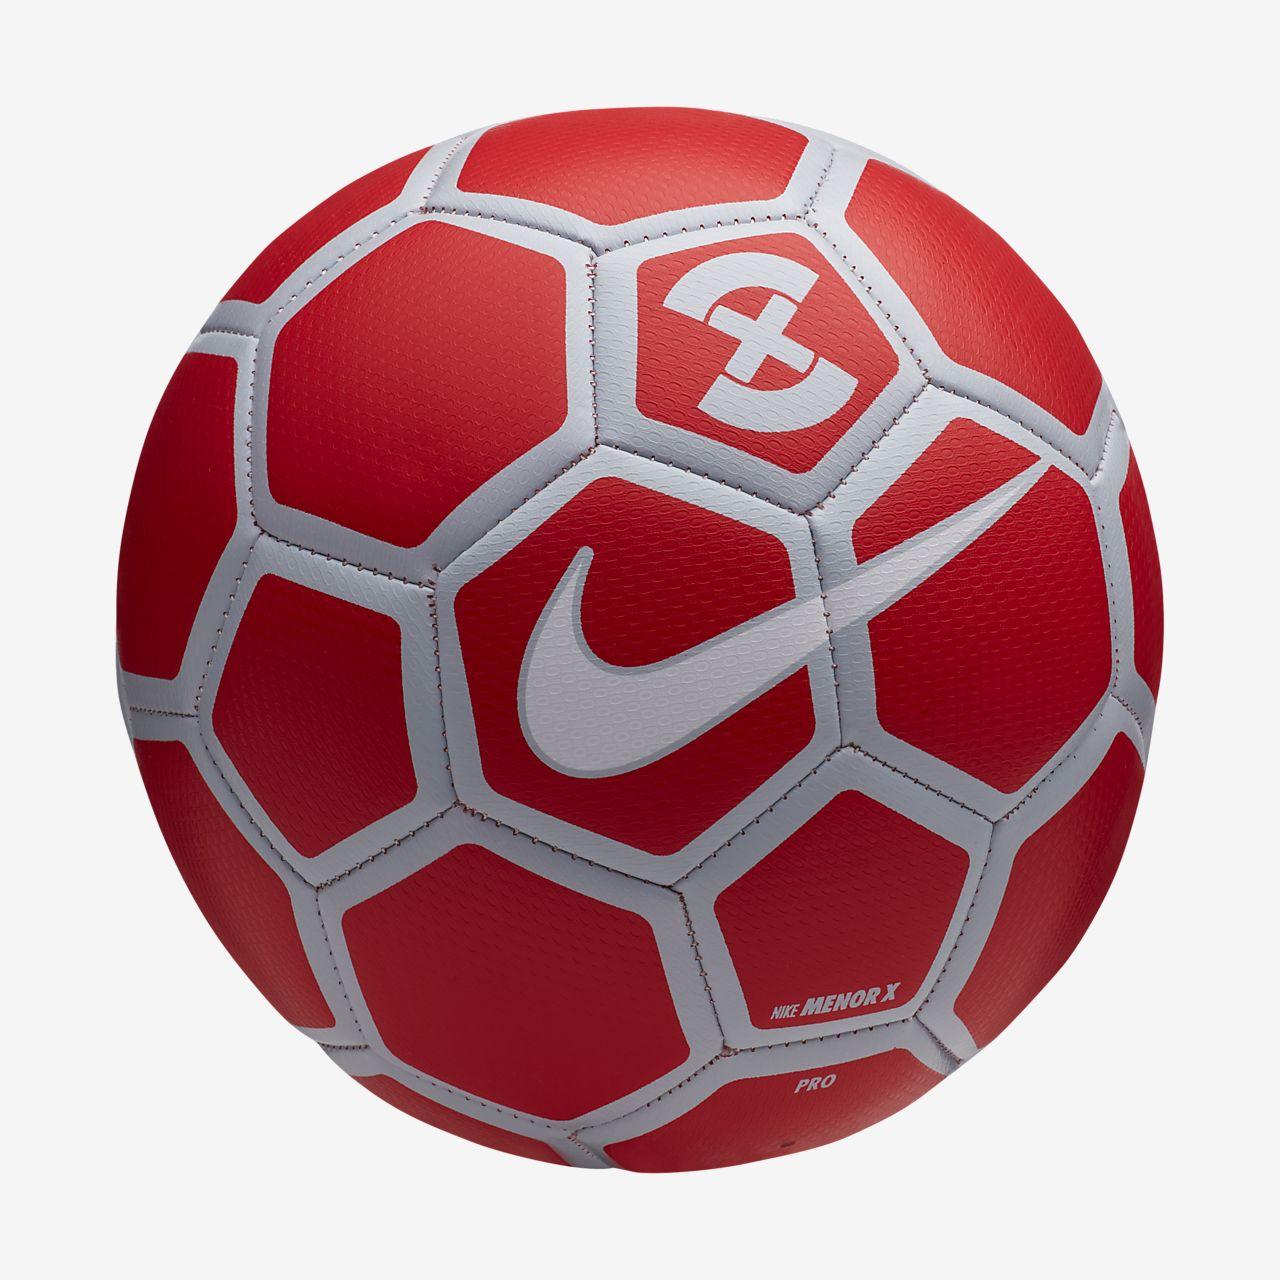 Ballon de football Nike Menor X